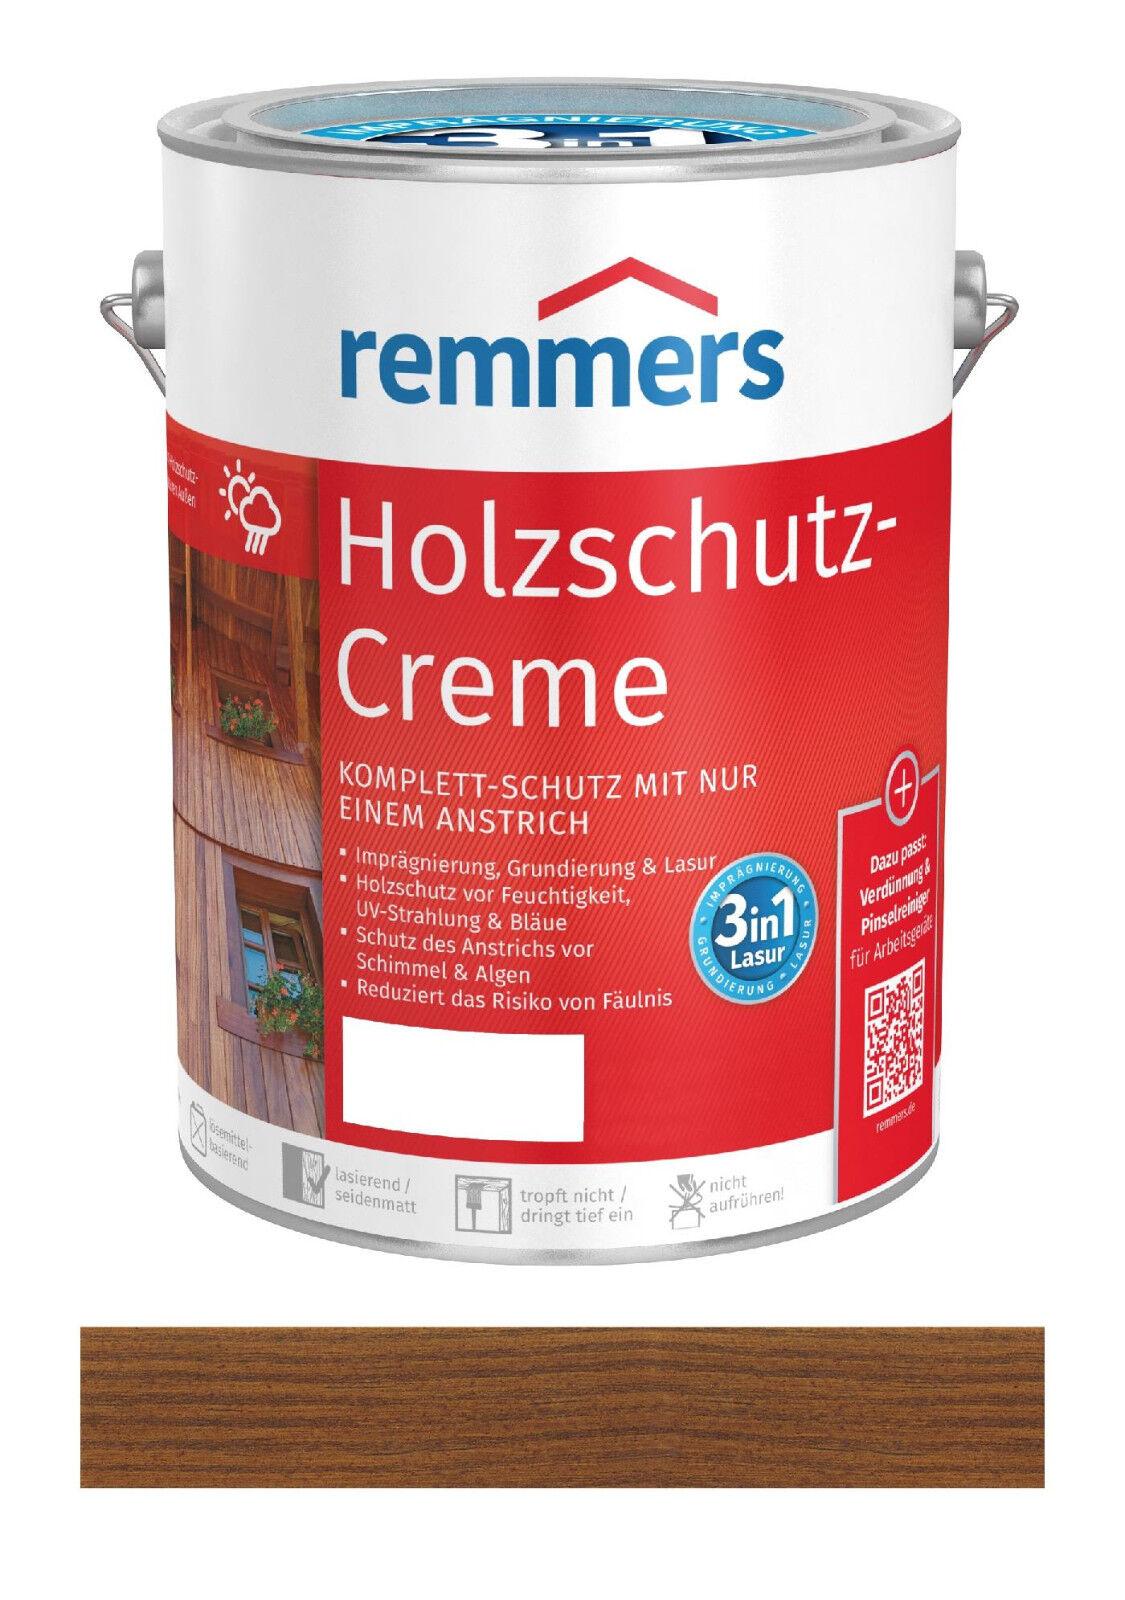 Remmers Holzschutz-Creme Nussbaum 2,5 Liter Holz Lasur für Außen NEUWARE